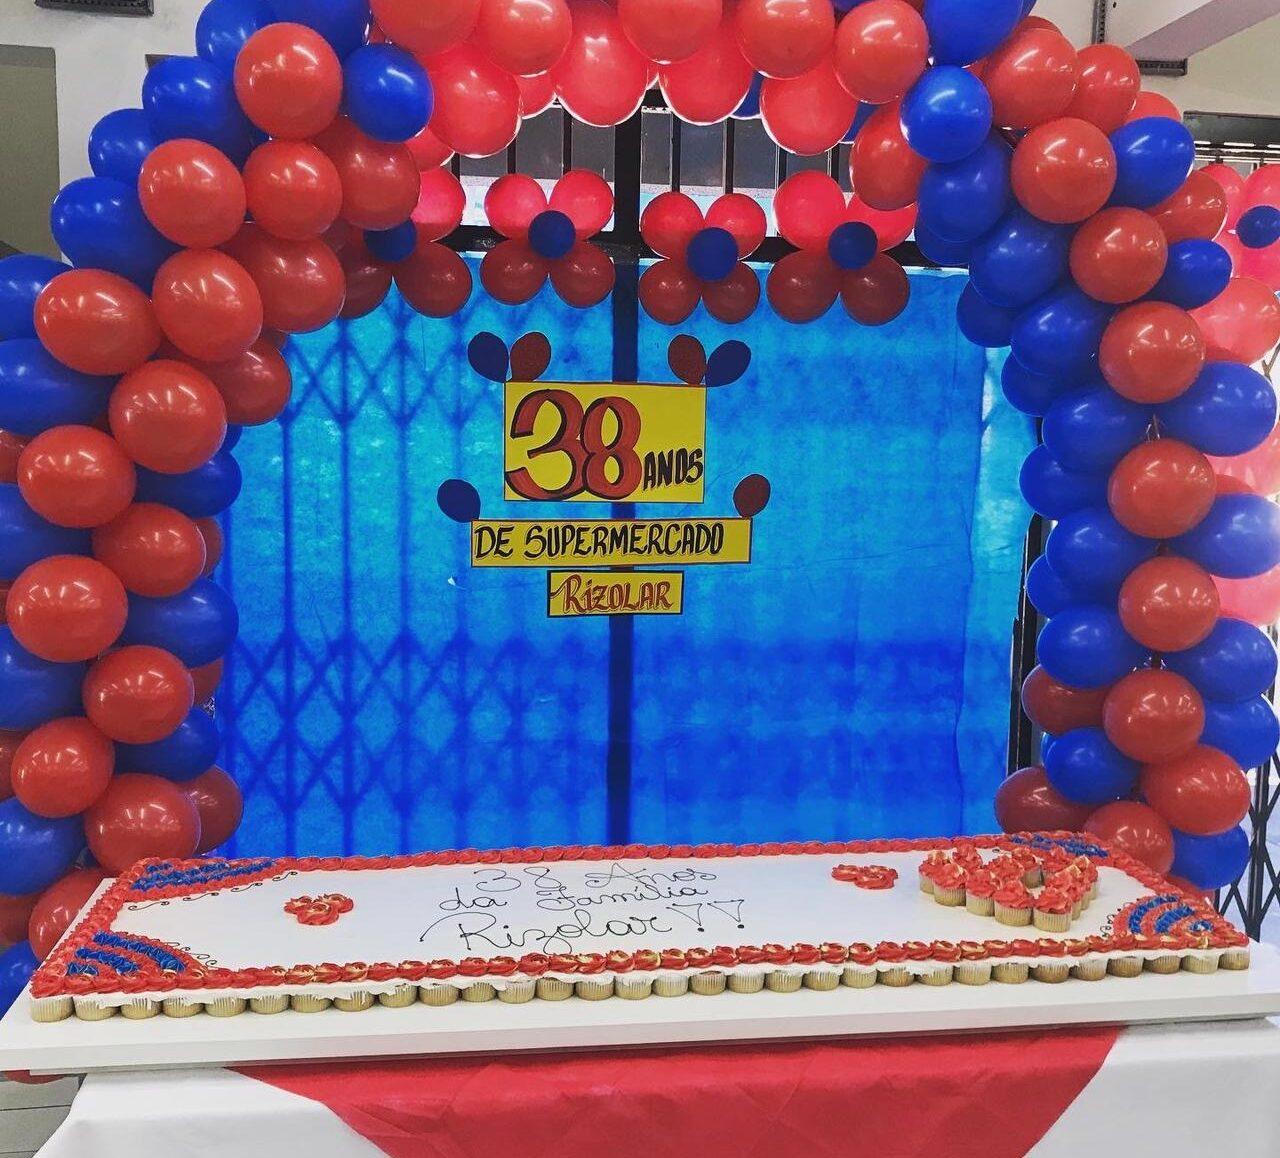 Rizolar comemorou com promoções seus 38 anos com direito a bexigas e doces